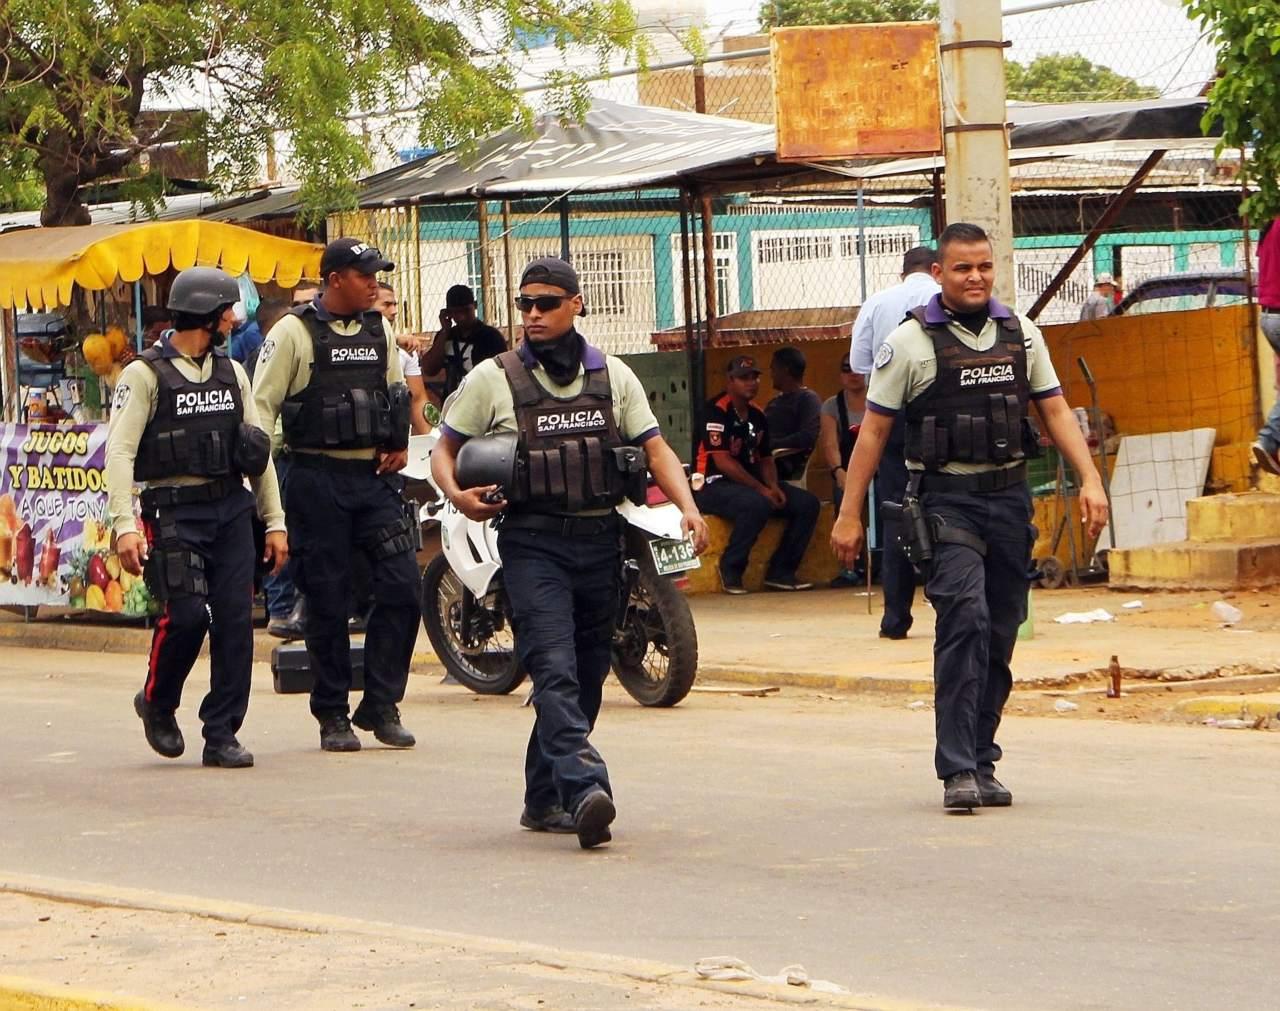 Gobierno regional del Zulia disolvió la Diep y creó un nuevo cuerpo policial